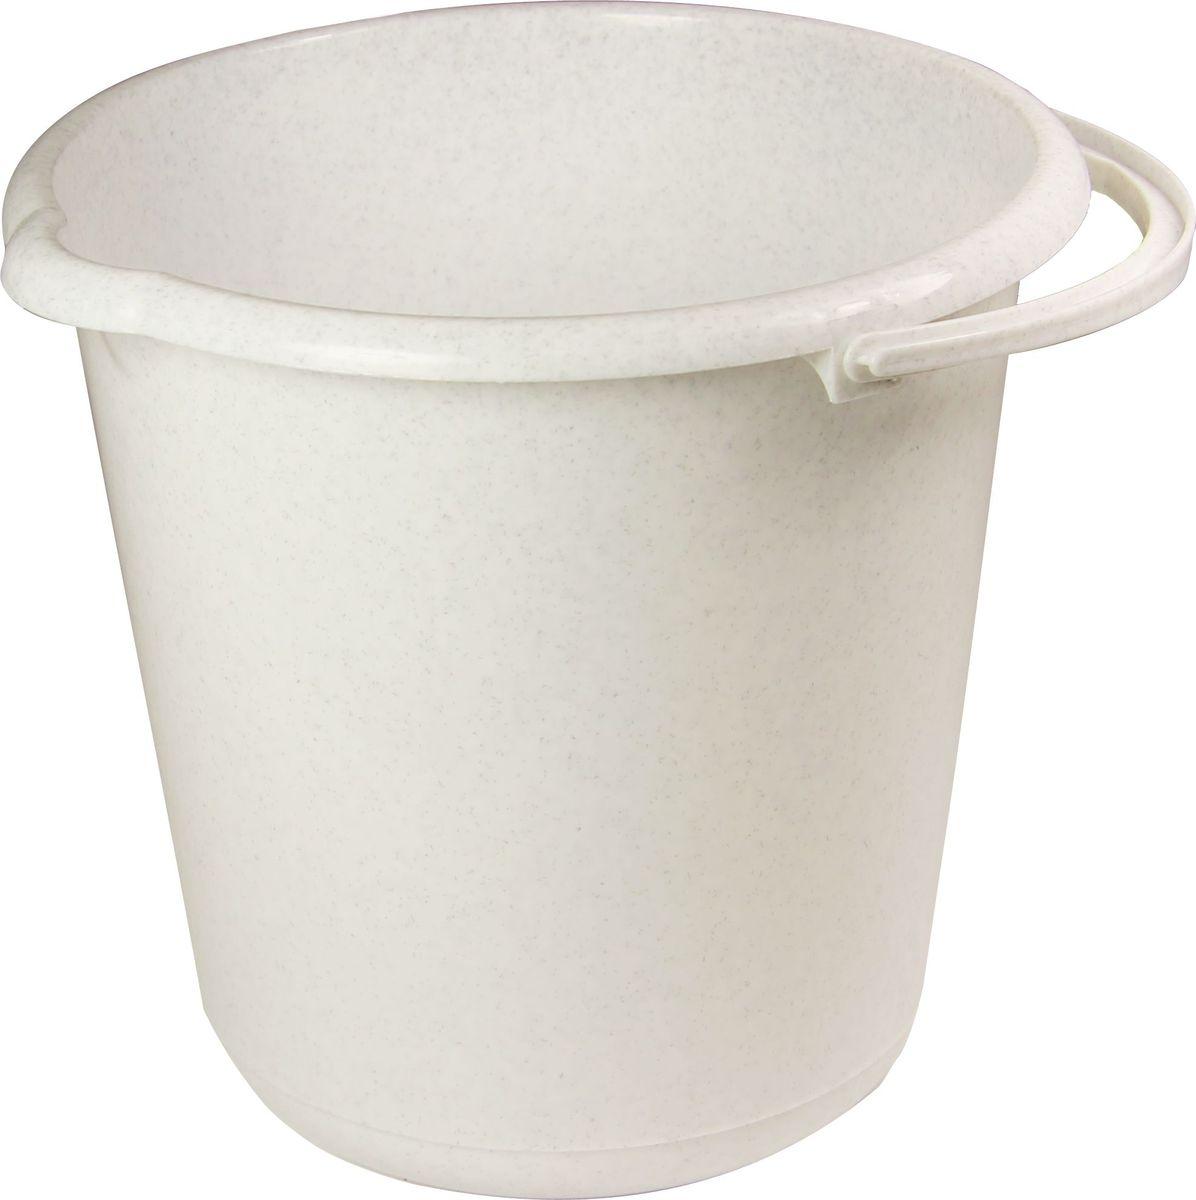 Ведро хозяйственное Idea, цвет: мраморный, 3 лМ 2428_мраморныйВедро Idea изготовлено из высококачественного прочного пластика. Оно легче железного и не подвержено коррозии. Ведро оснащено удобной пластиковой ручкой. Такое ведро станет незаменимымпомощником в хозяйстве.Диаметр (по верхнему краю): 20 см.Высота: 18,5 см.